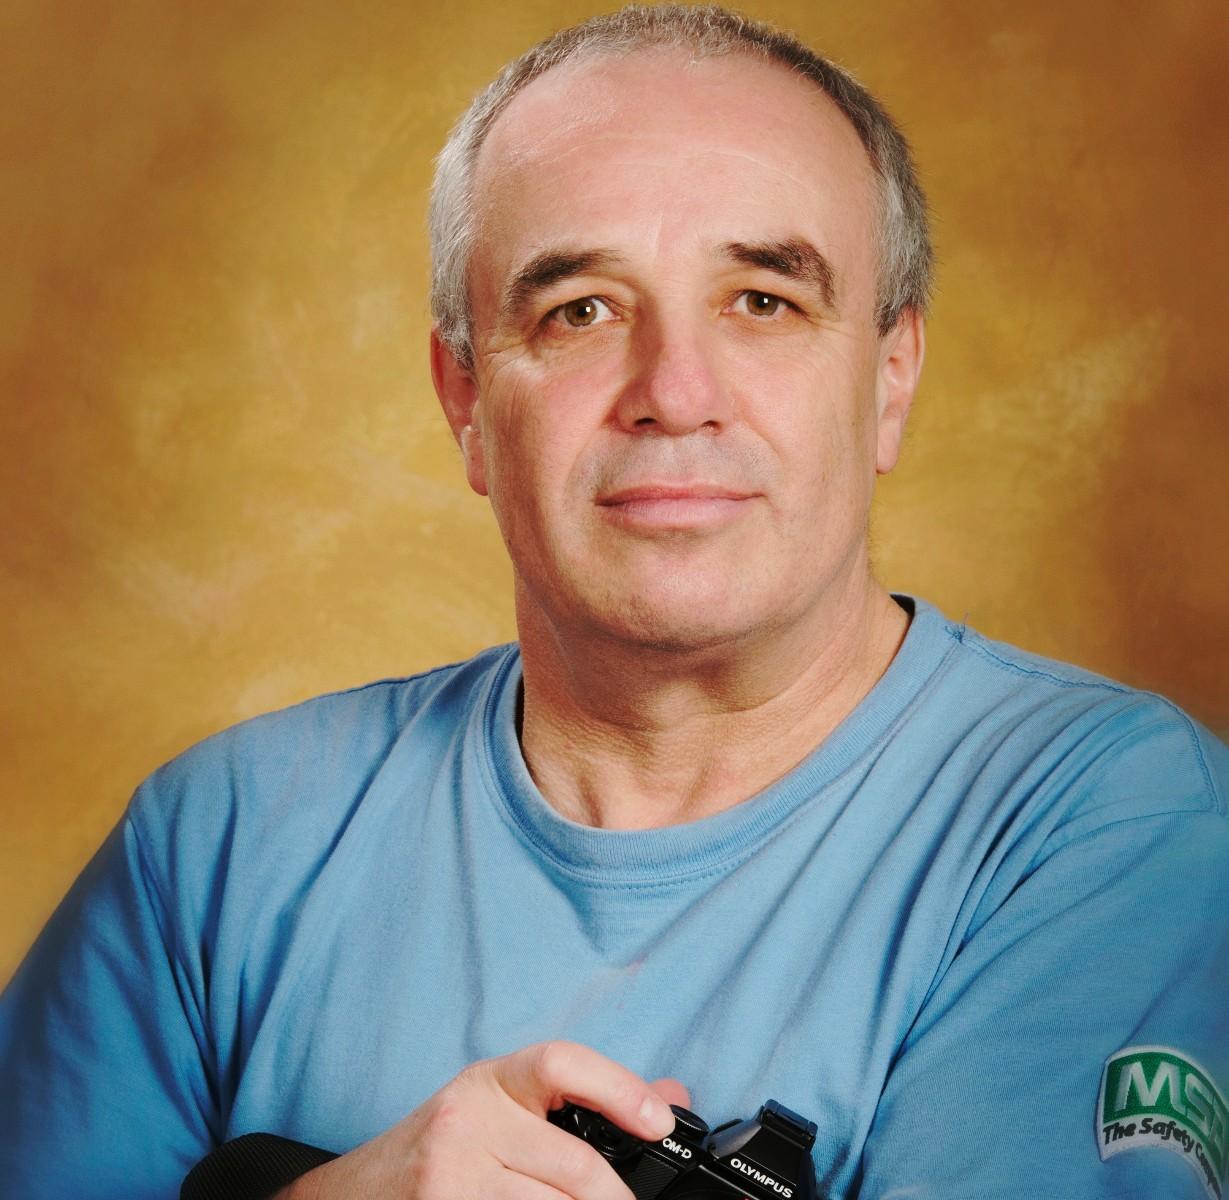 Milan Ferov